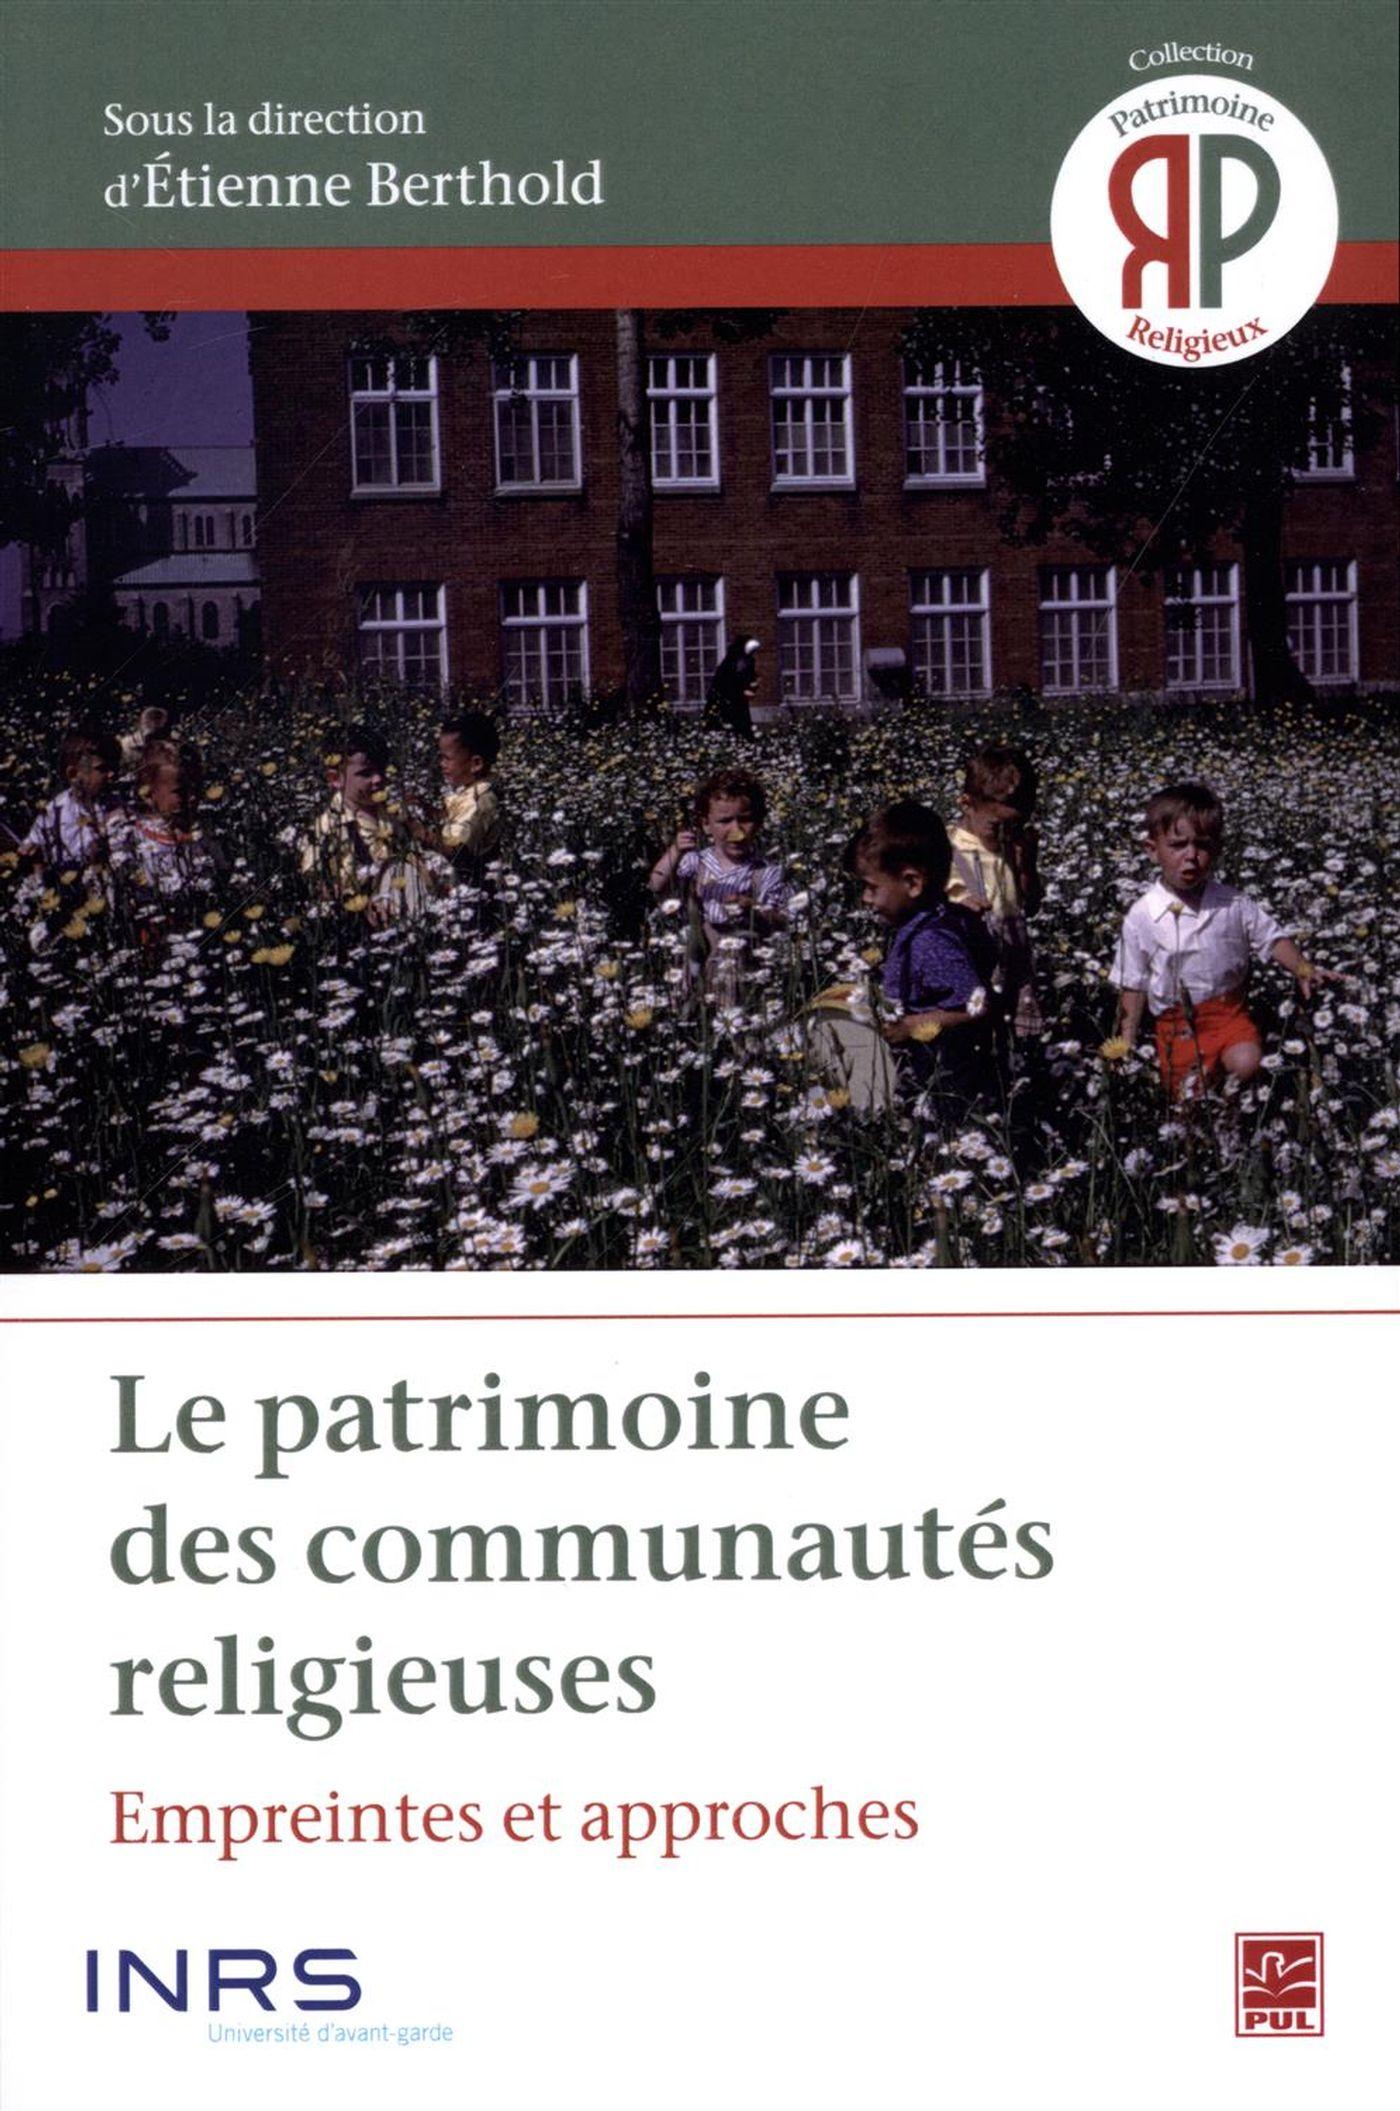 Le patrimoine des communautés religieuses : Empreintes et approches